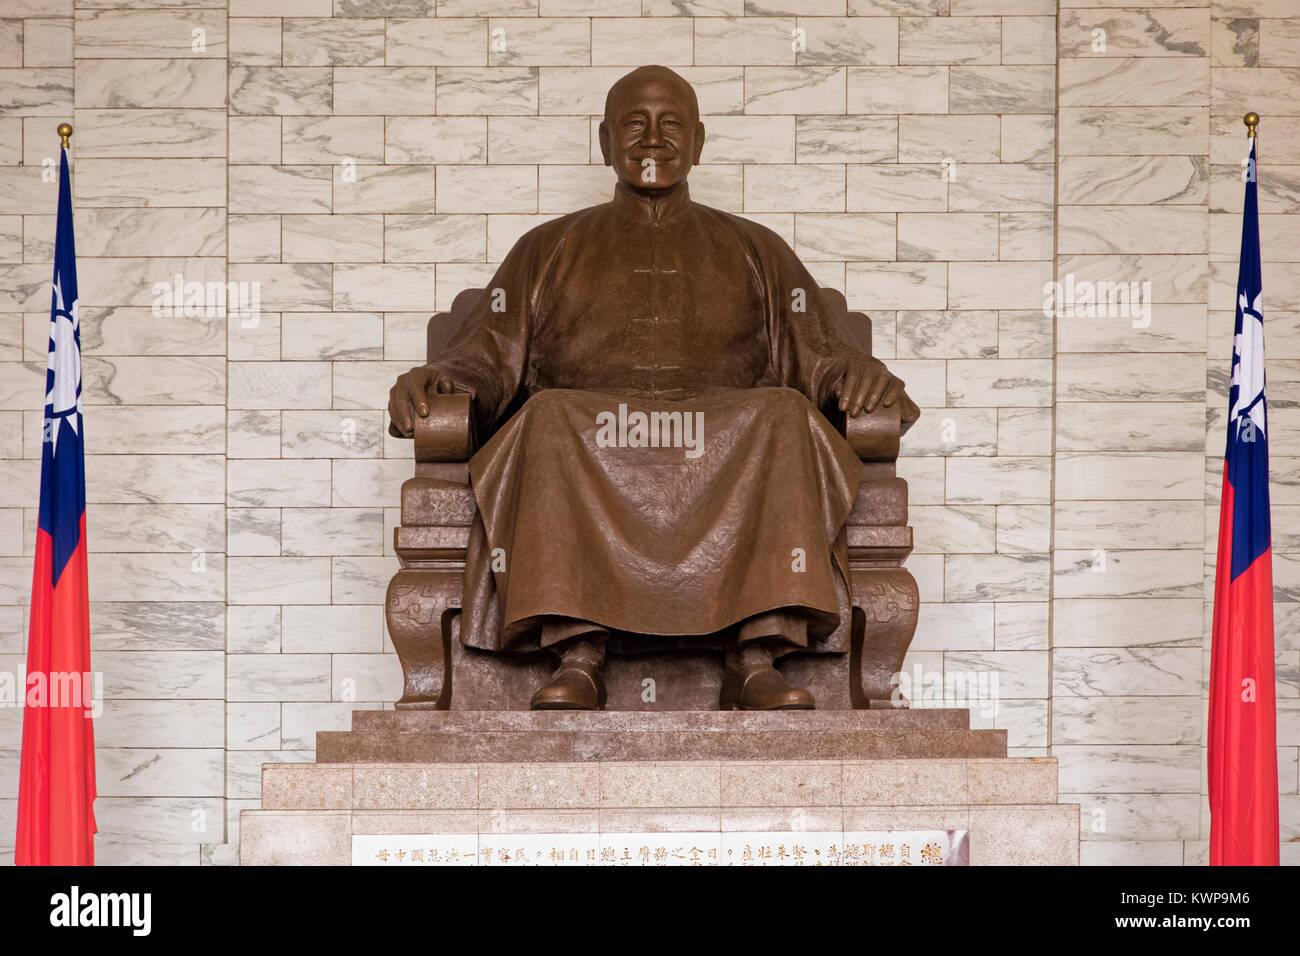 Statue of Chiang Kai-shek inside of the National Chiang Kai-shek Memorial Hall located in Taipei, Taiwan, He was - Stock Image